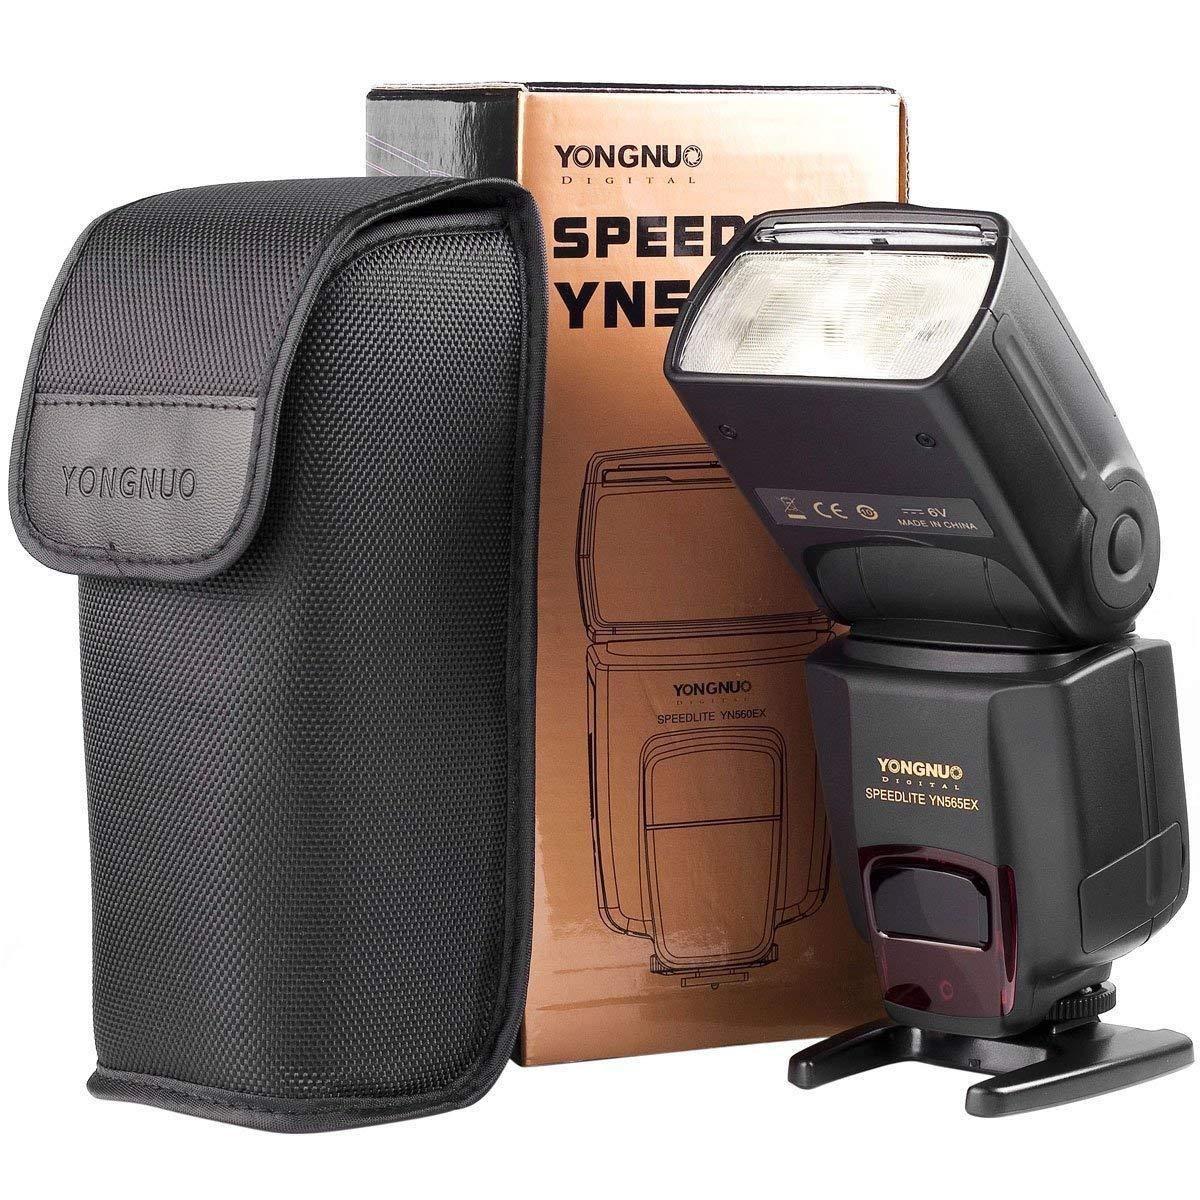 D300 D7000 D5200 D3000 D5100 D3100 D300s Yongnuo YN-565 EX E-TTL Flash Speedlite sans Fil pour Appareil Photo Nikon D7100 D3200 D90 D70s D600 D200 D80 D700 D800 D5000 D60